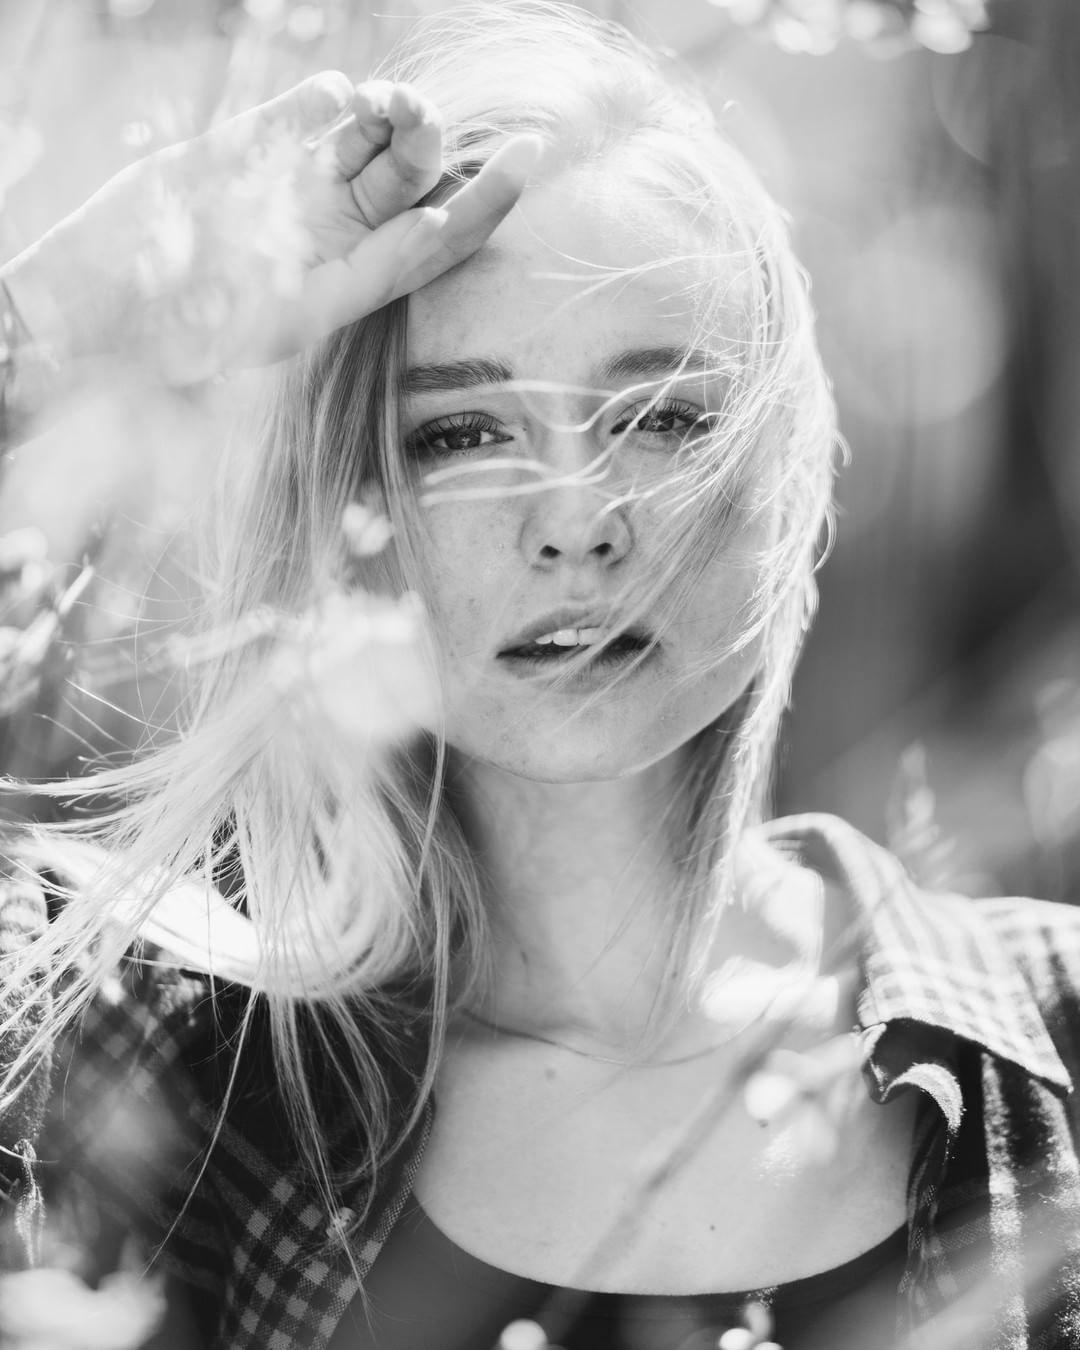 Audrey Podge Brooklyn portrait photography by Megan Breukelman